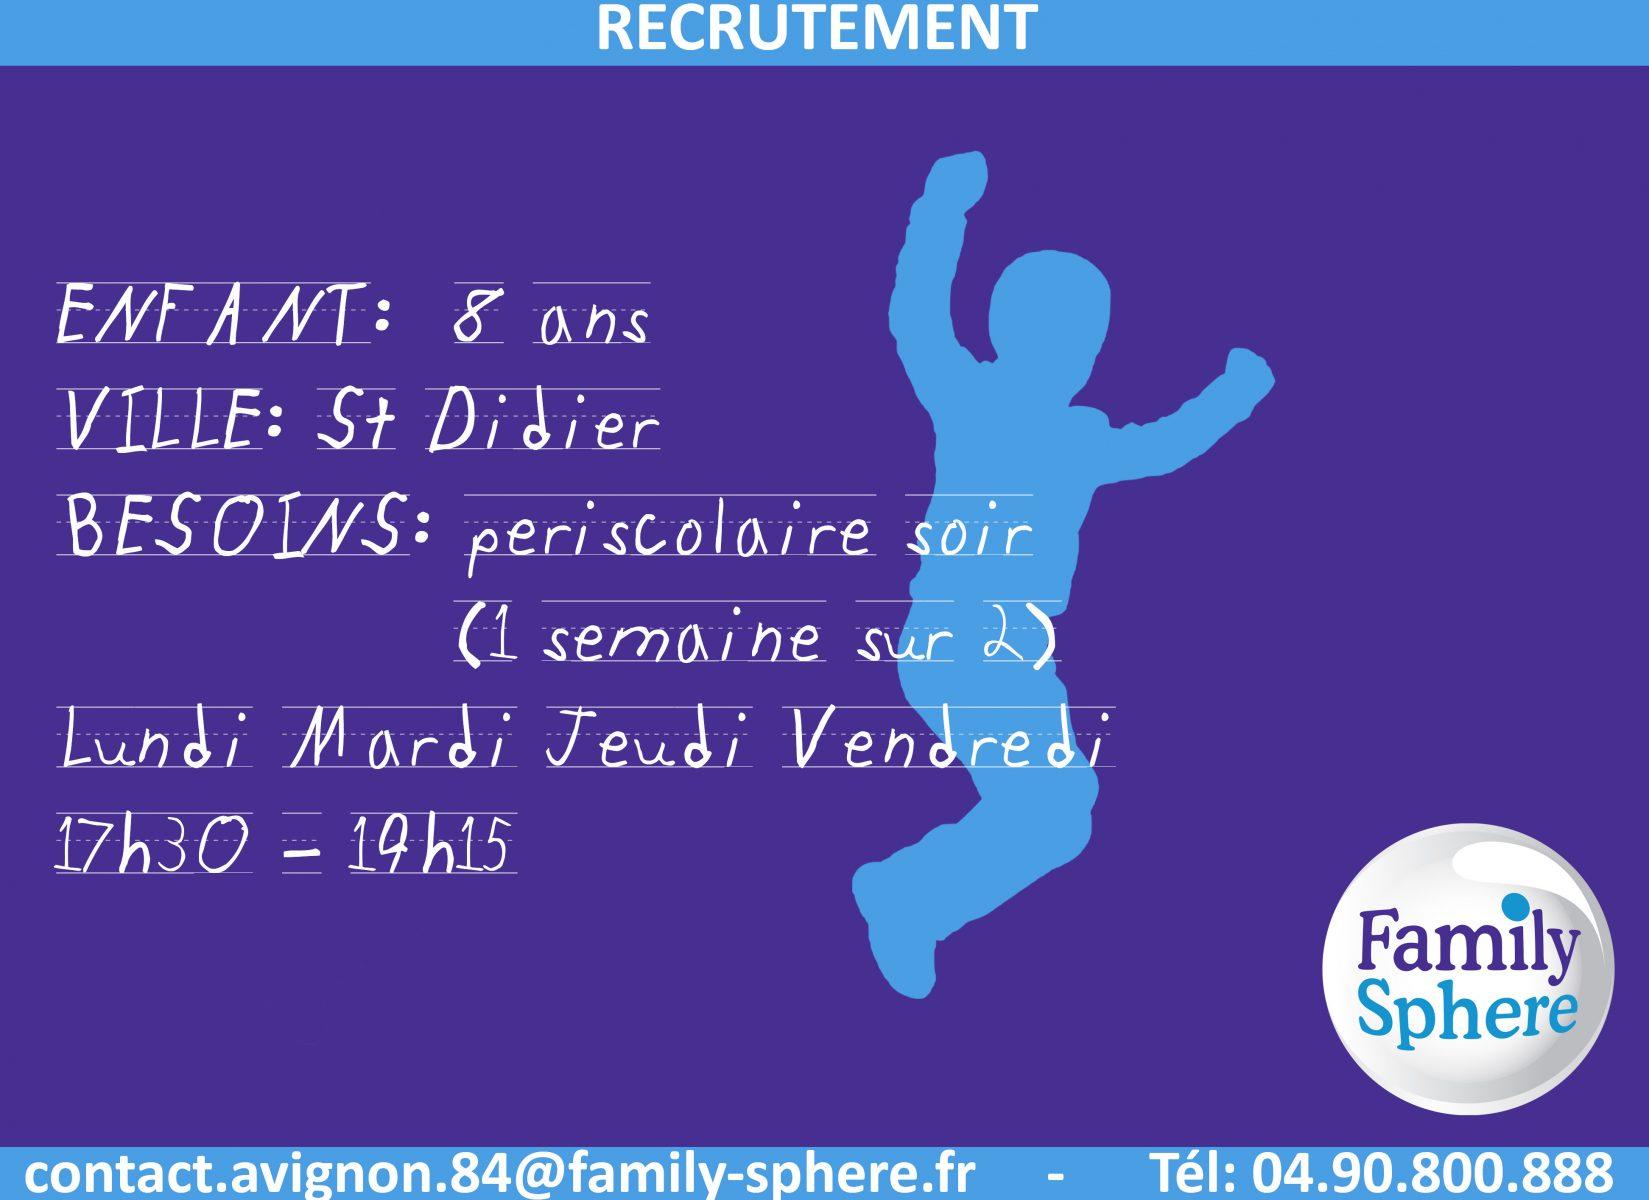 CDI Temps partiel St Didier Publié il y a 7 mois Family […]